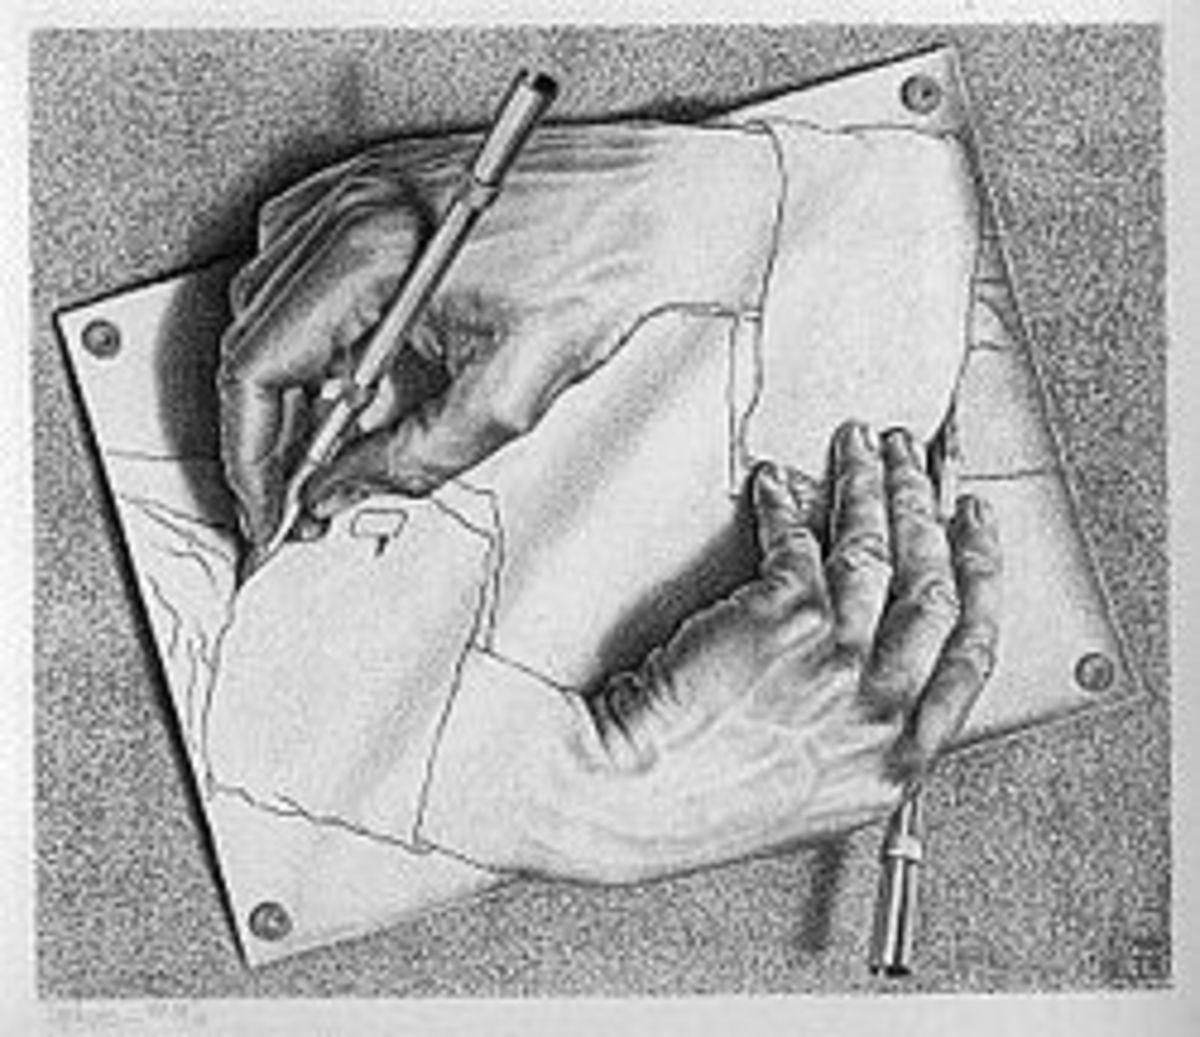 Drawing Hands by M.C. Escher